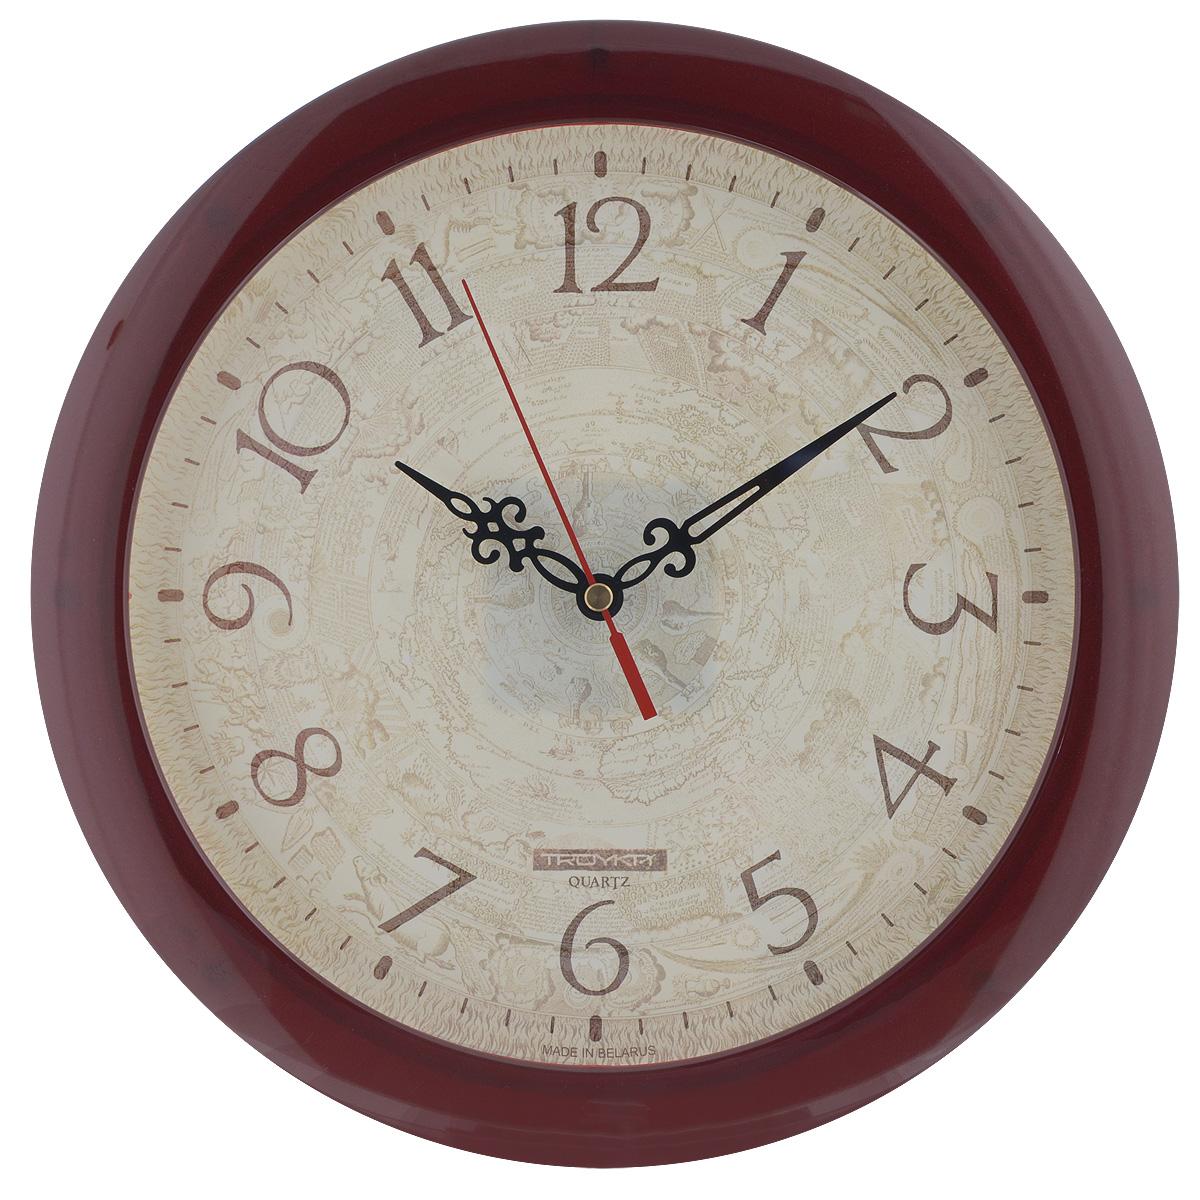 Часы настенные Troyka Пергамент, цвет: бежевый, коричневый. 1113114911131149Настенные кварцевые часы Troyka Пергамент, изготовленные из пластика, прекрасно подойдут под интерьер вашего дома. Круглые часы имеют три стрелки: часовую, минутную и секундную, циферблат украшен изображением пергамента и защищен прозрачным пластиком. Диаметр часов: 29 см. Часы работают от 1 батарейки типа АА напряжением 1,5 В (входит в комплект).